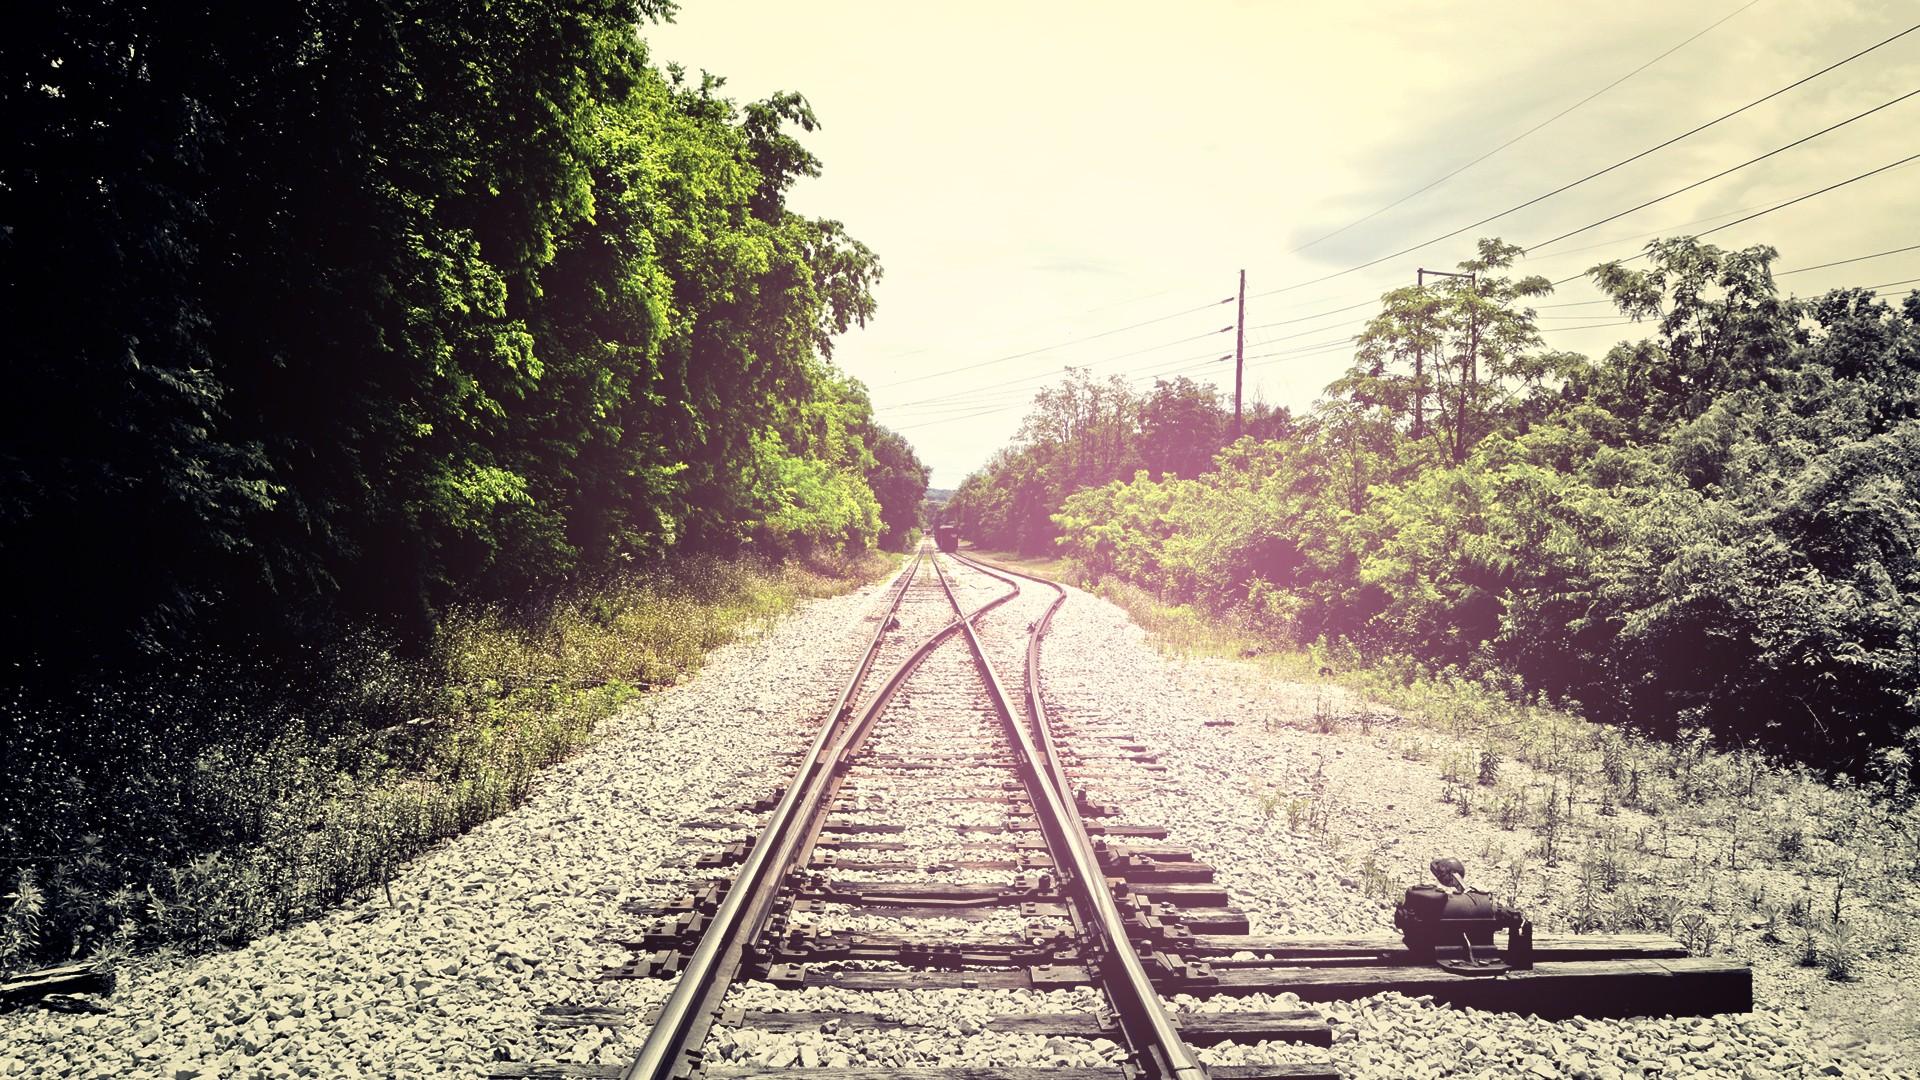 Fondos Vías de ferrocarril (Railroad Tracks) ADNFriki (5)